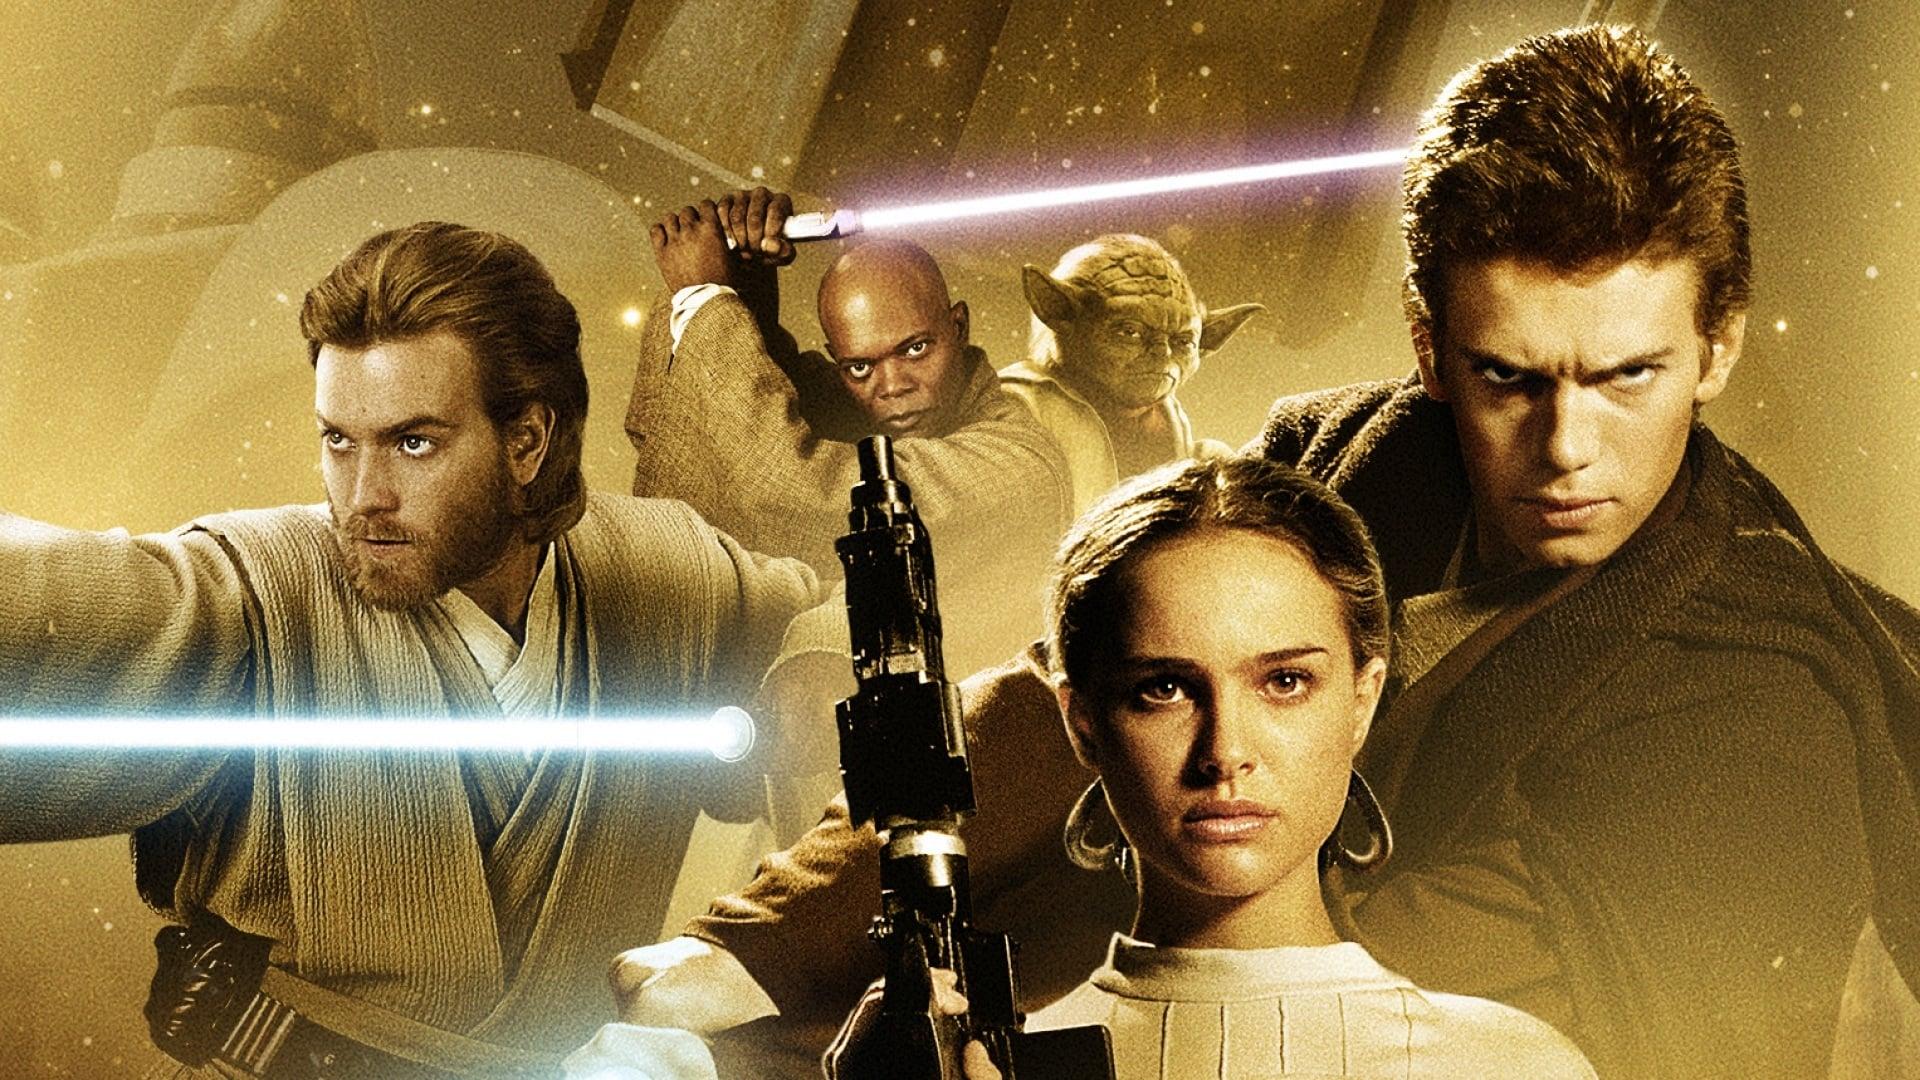 La guerra de las galaxias. Episodio II: El ataque de los clones (2002)